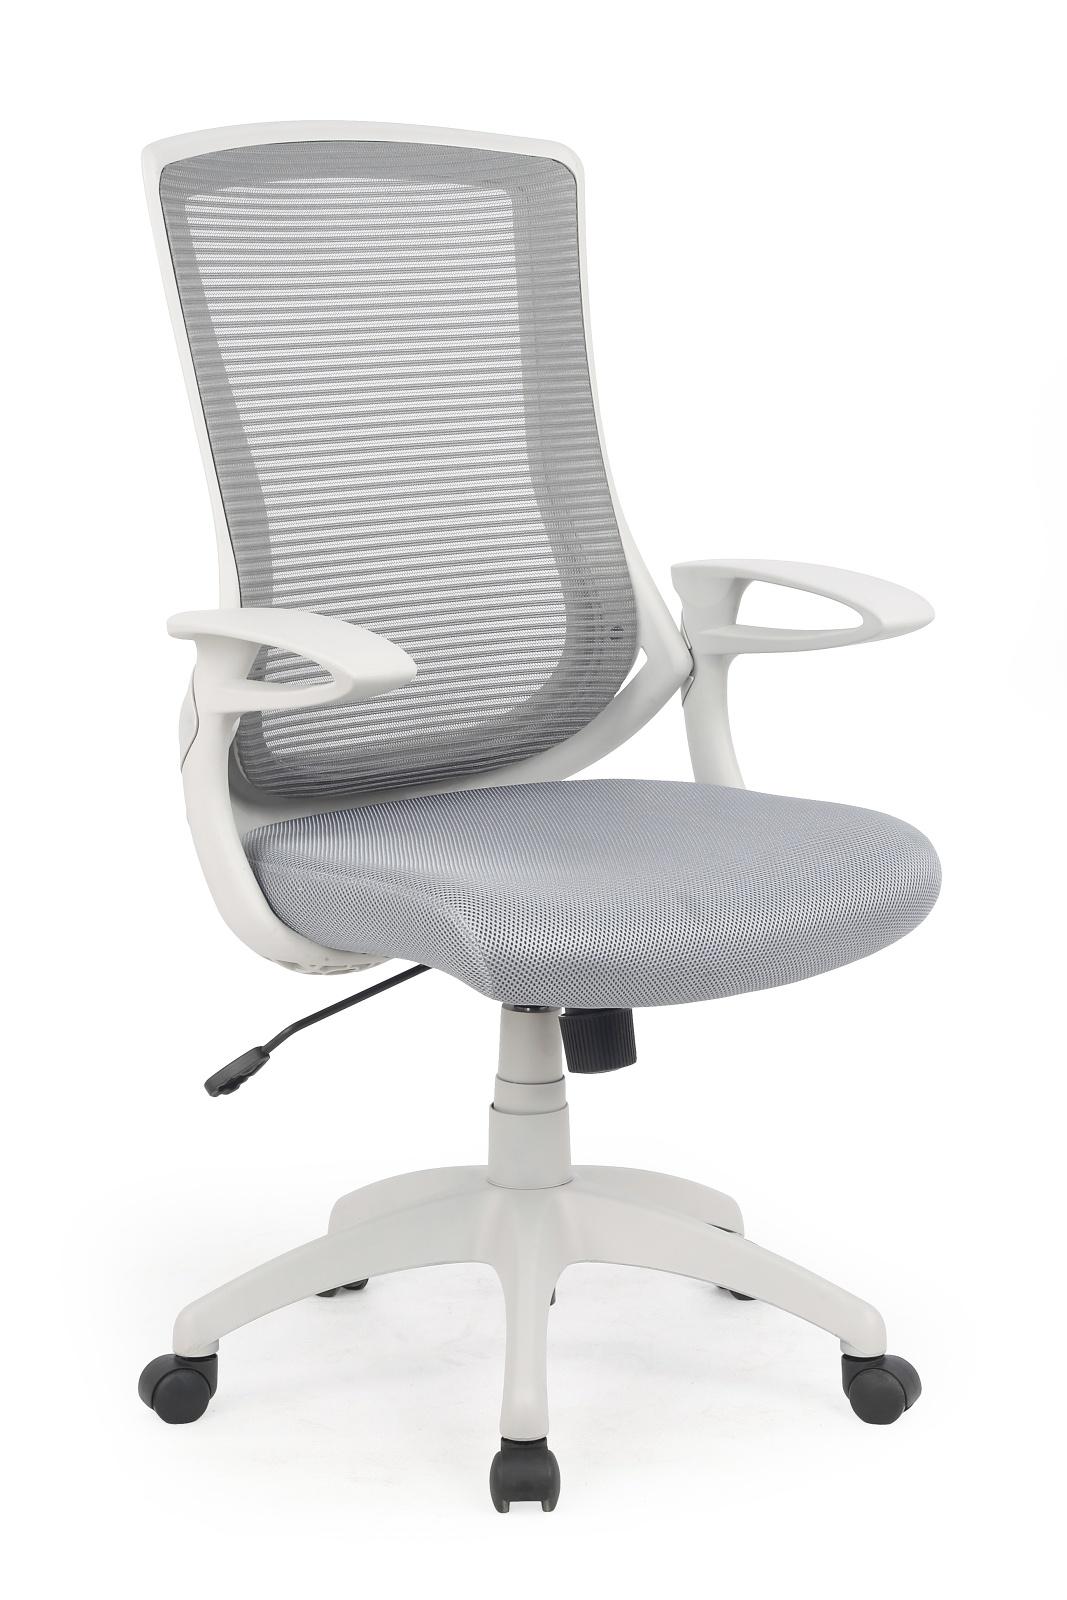 Kancelárska stolička - Halmar - Igor šedá + krémová